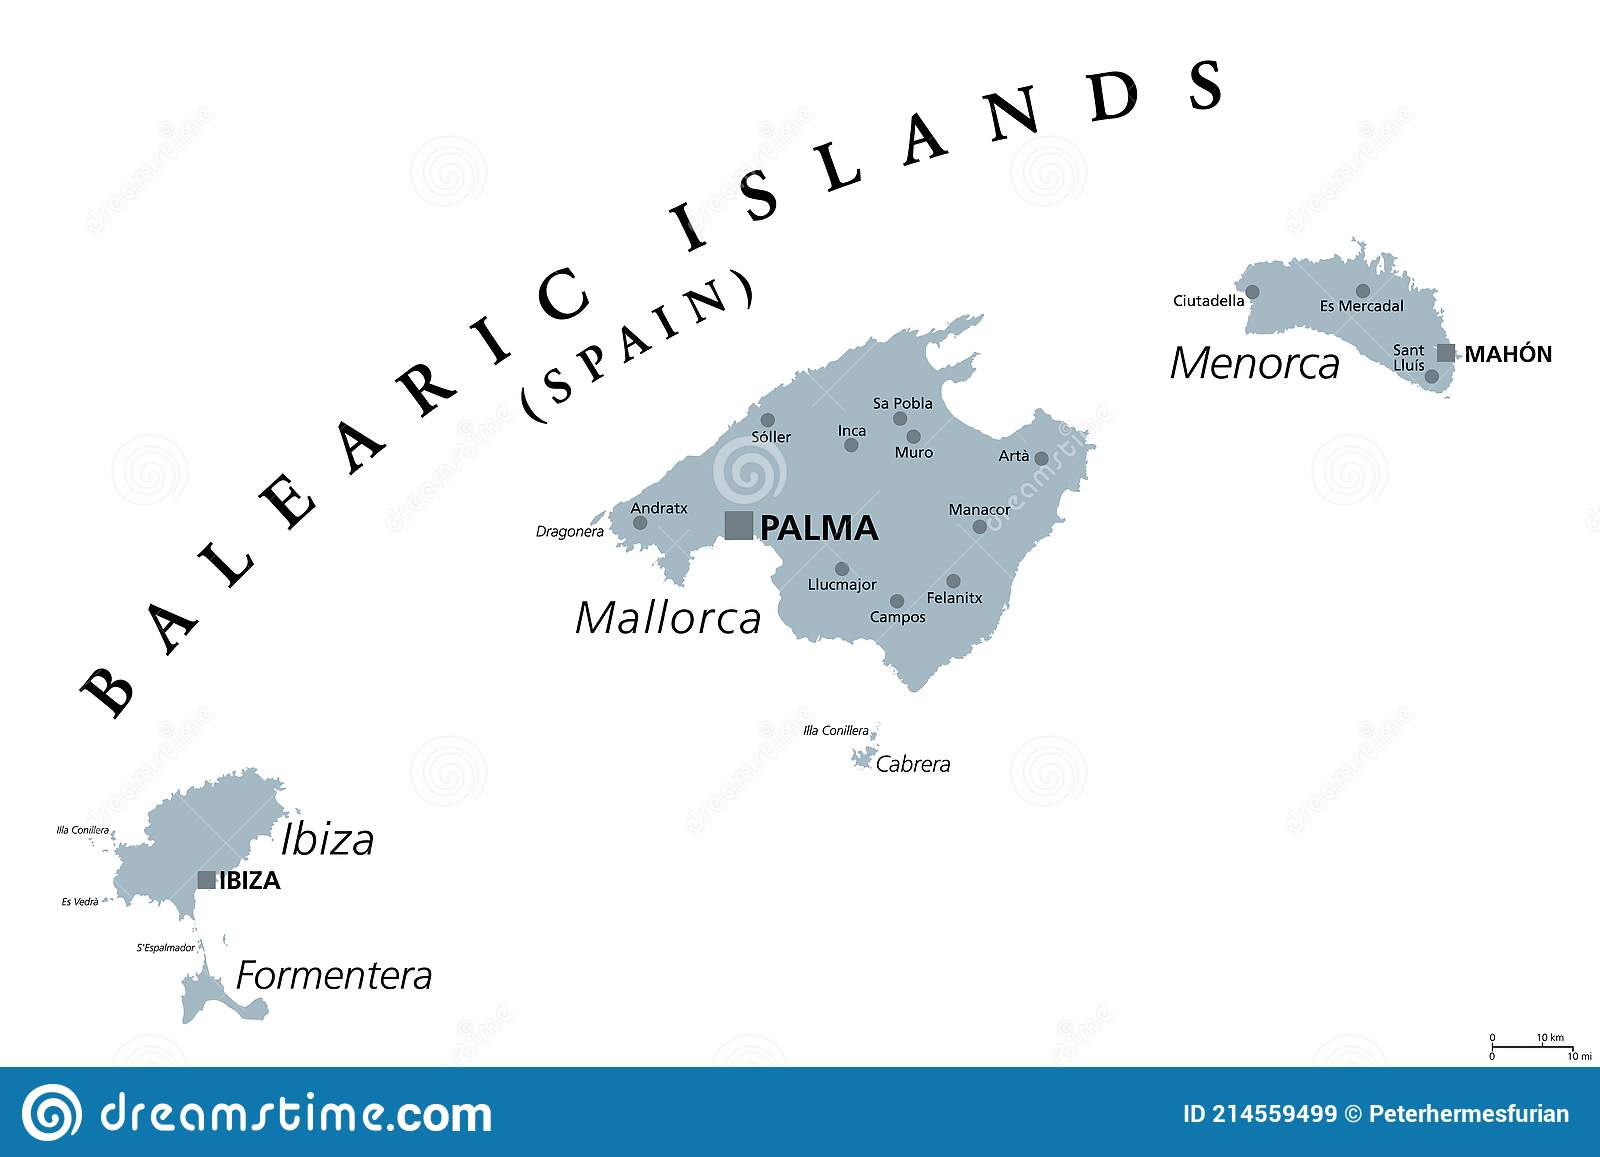 Cartina Geografica Spagna E Formentera.Ibiza Illustrazioni Vettoriali E Clipart Stock 1 207 Illustrazioni Stock